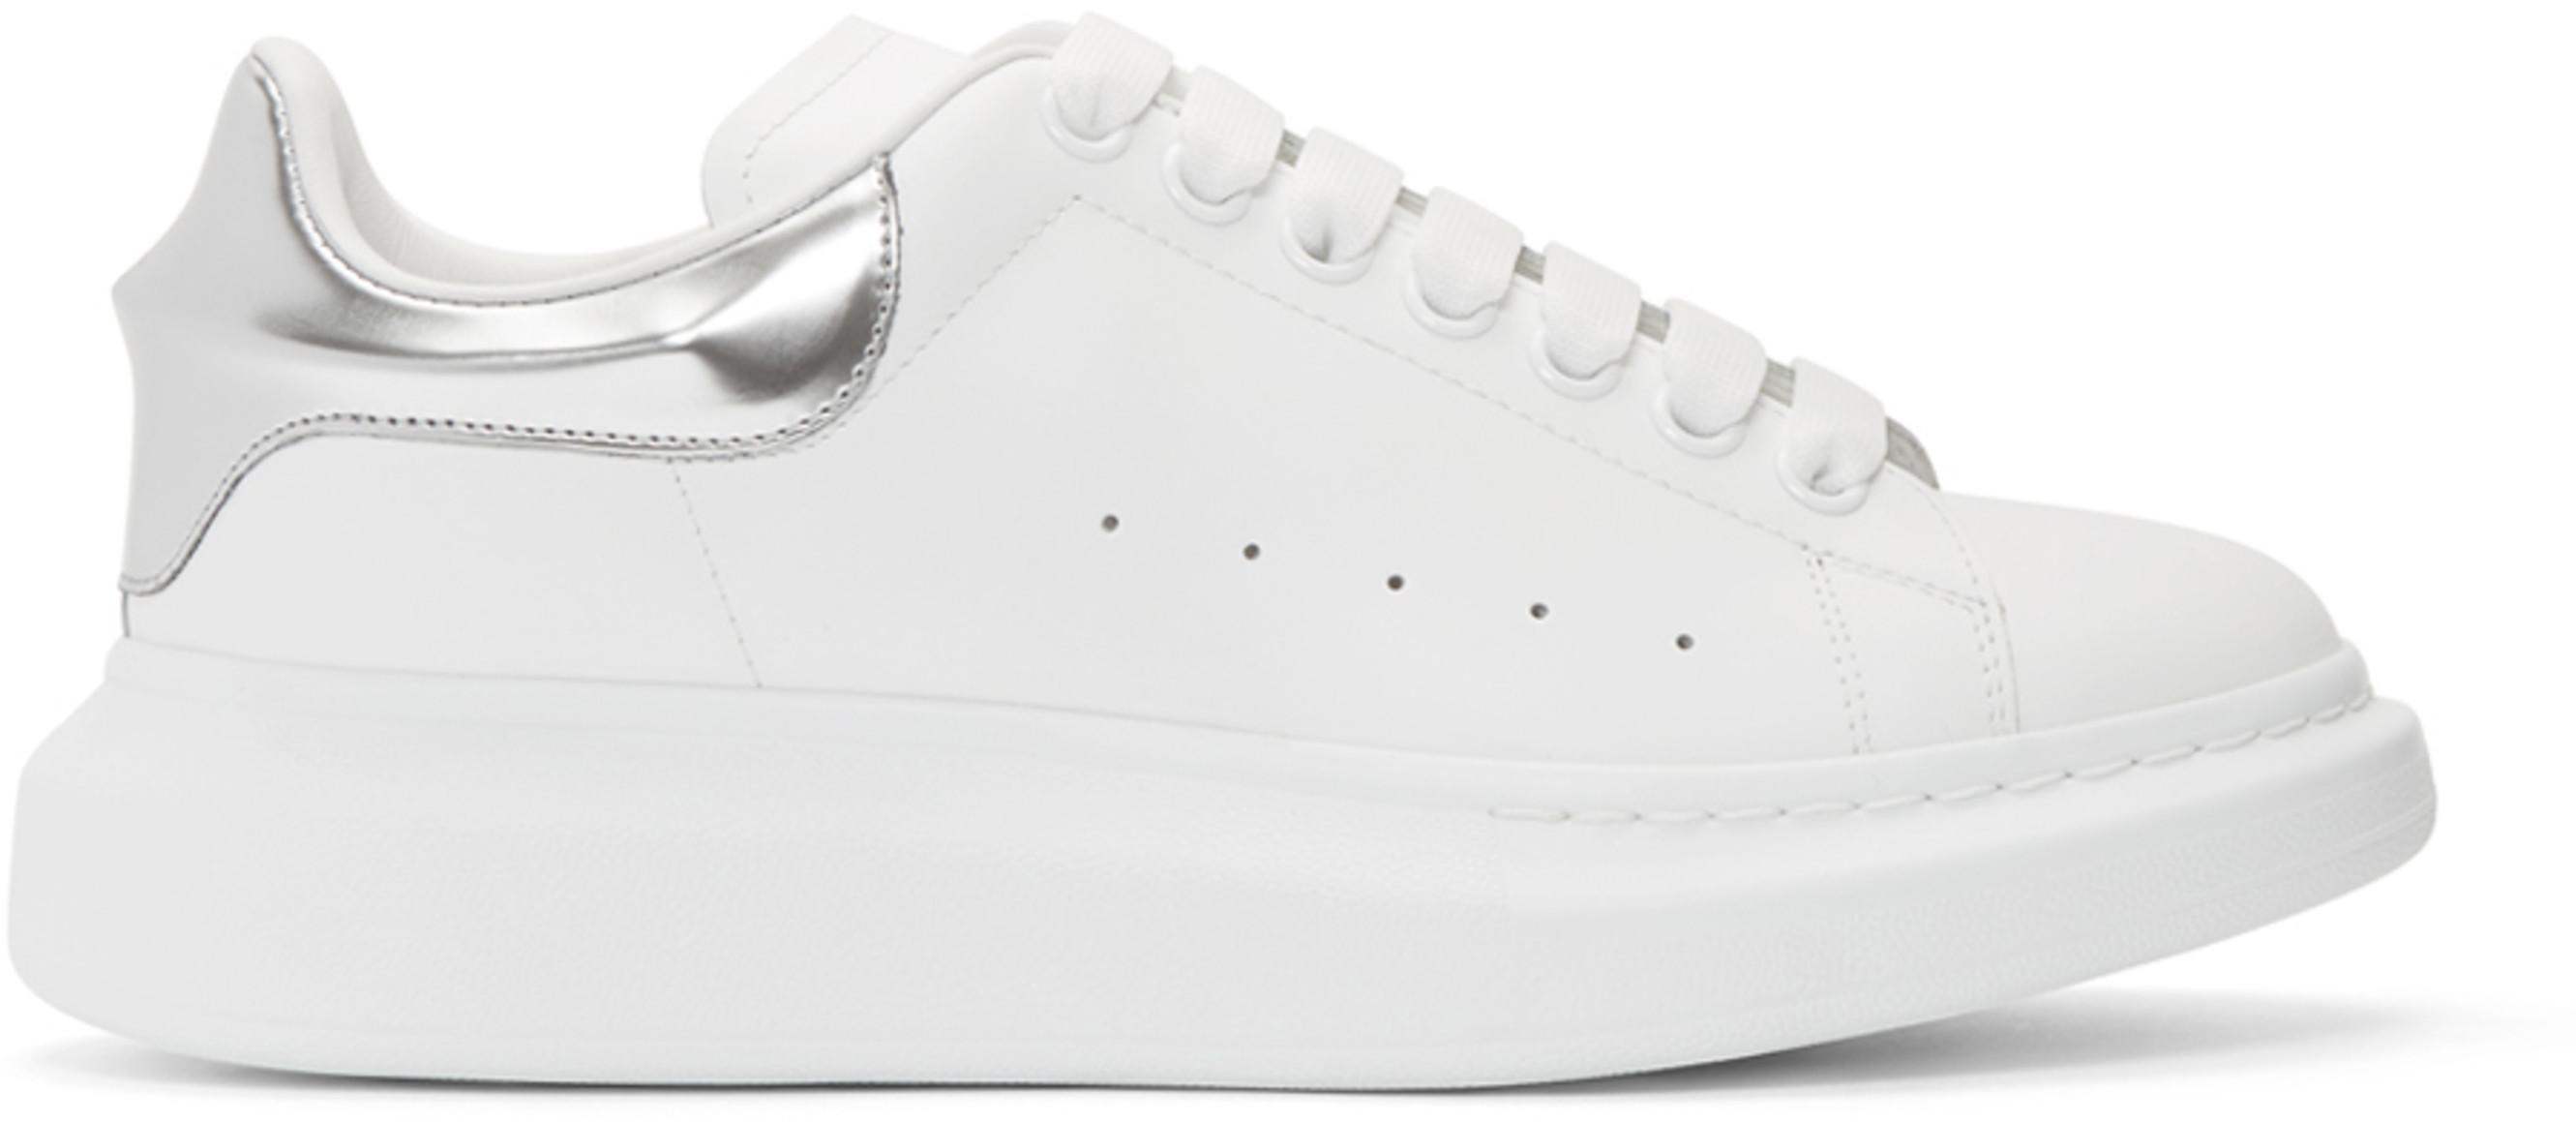 c70063c5e8d7 Alexander Mcqueen sneakers for Men